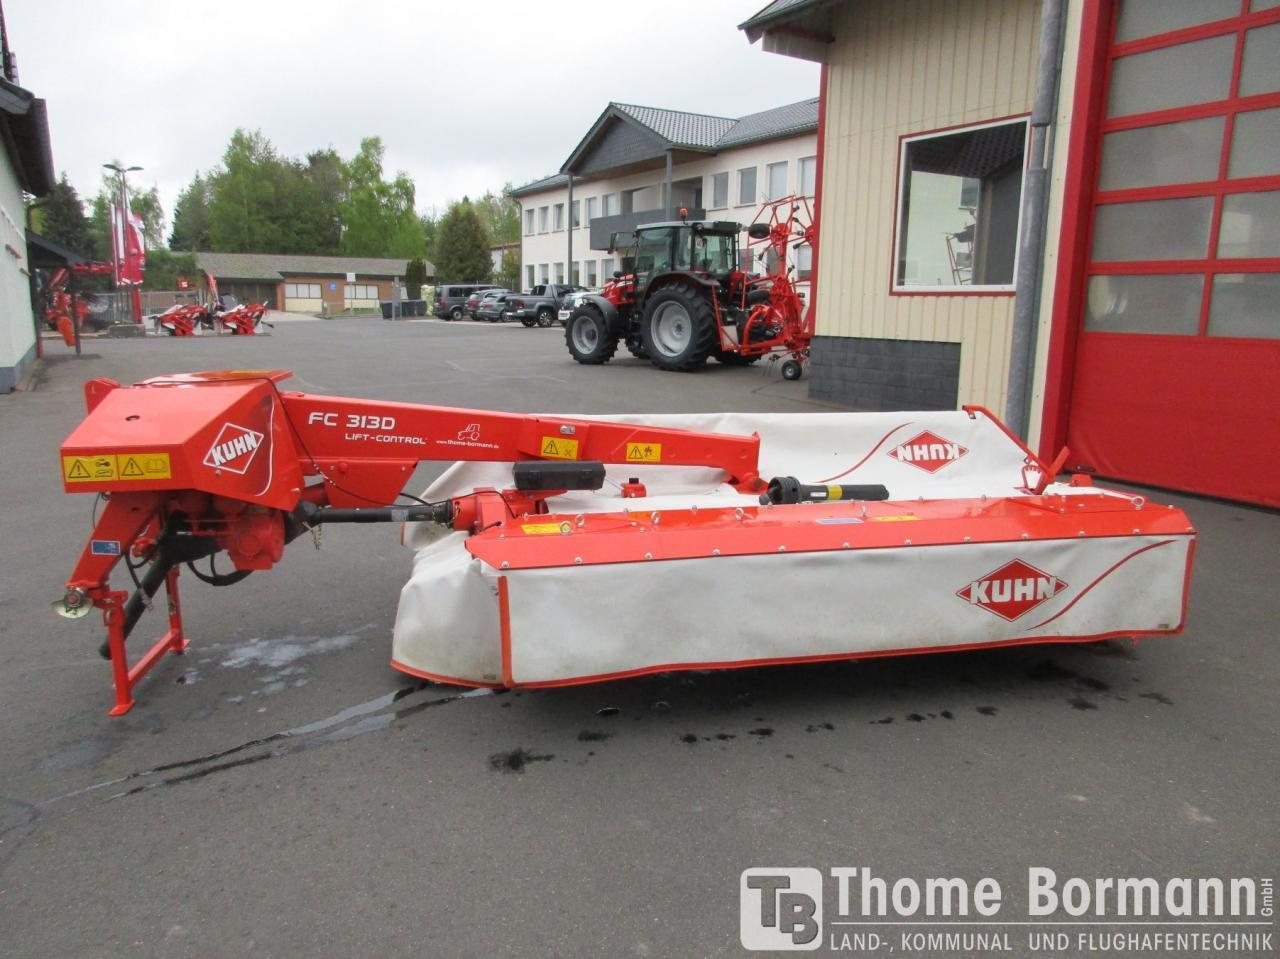 Kuhn FC 313 D-FF